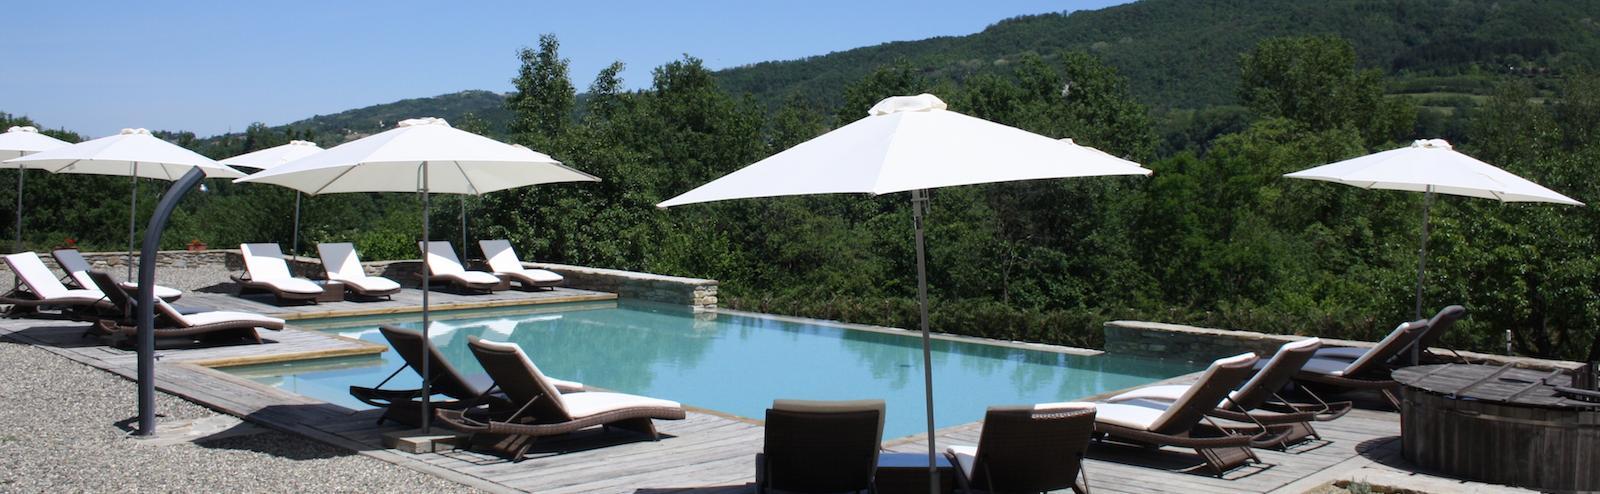 Zwembad moza ek tegels online bestellen tegelinfo for Zwembad houtlook